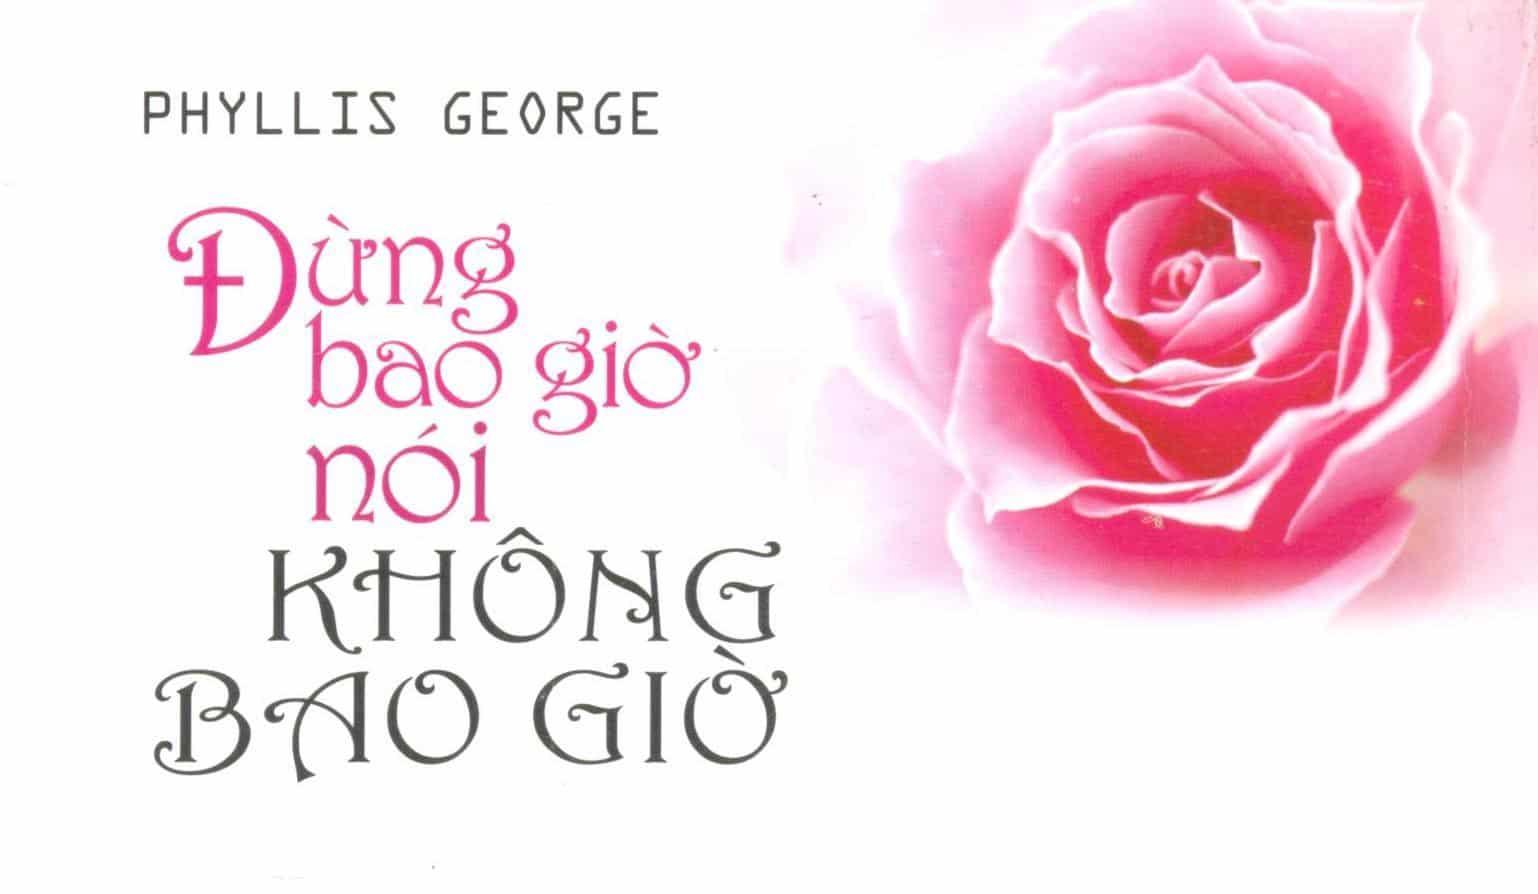 Đừng Bao Giờ Nói Không Bao Giờ – Phyllis George